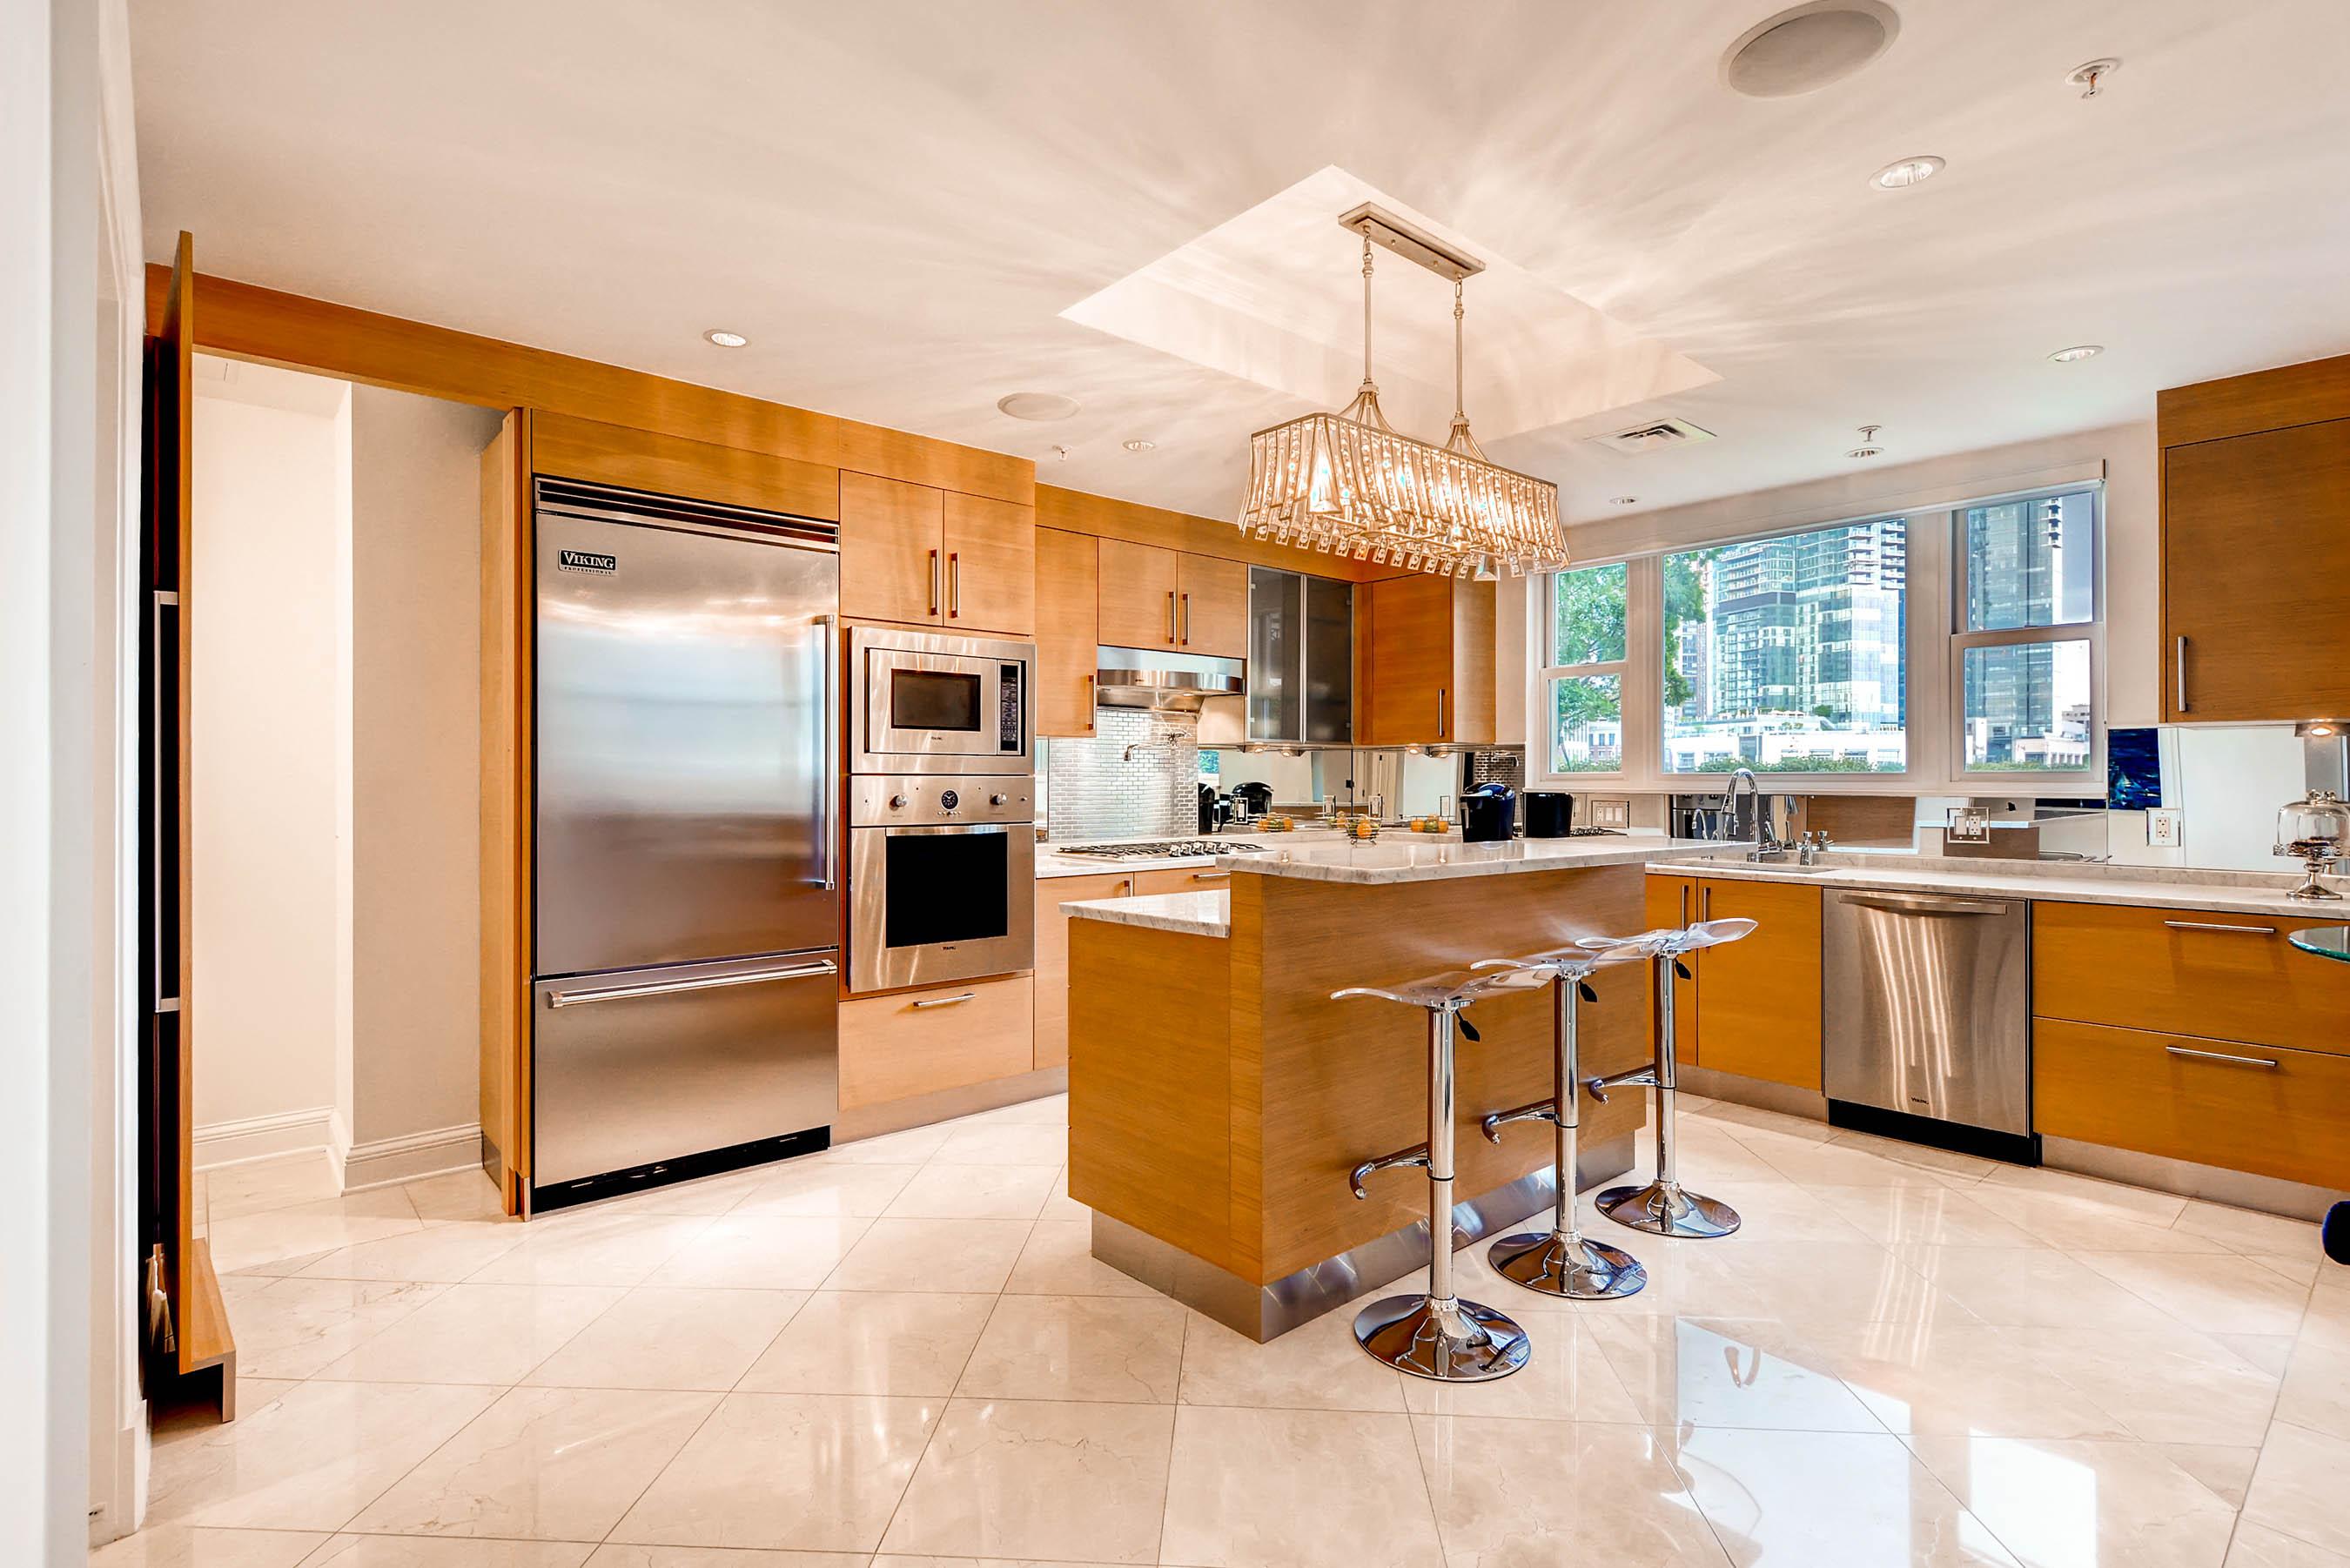 Condomínio para Venda às The Ritz-Carlton Residences 801 Key Highway #111 Baltimore, Maryland, 21230 Estados Unidos